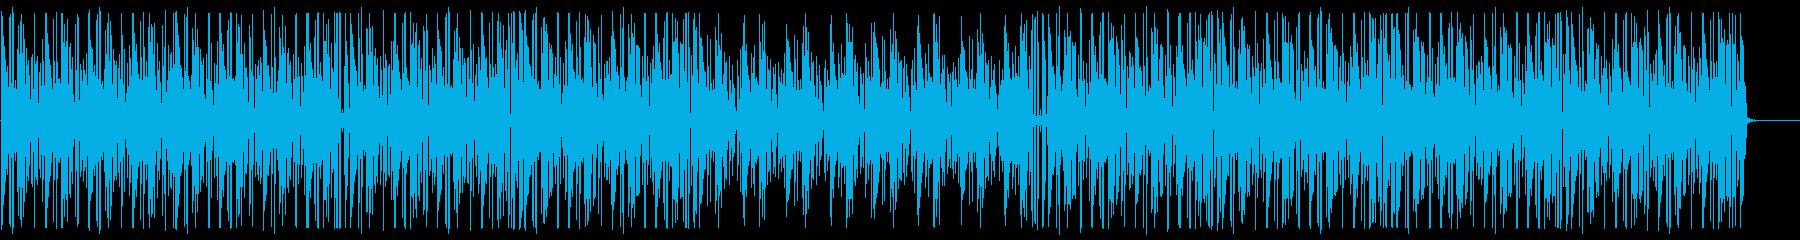 ほのぼの/南国/生演奏_No541_2の再生済みの波形